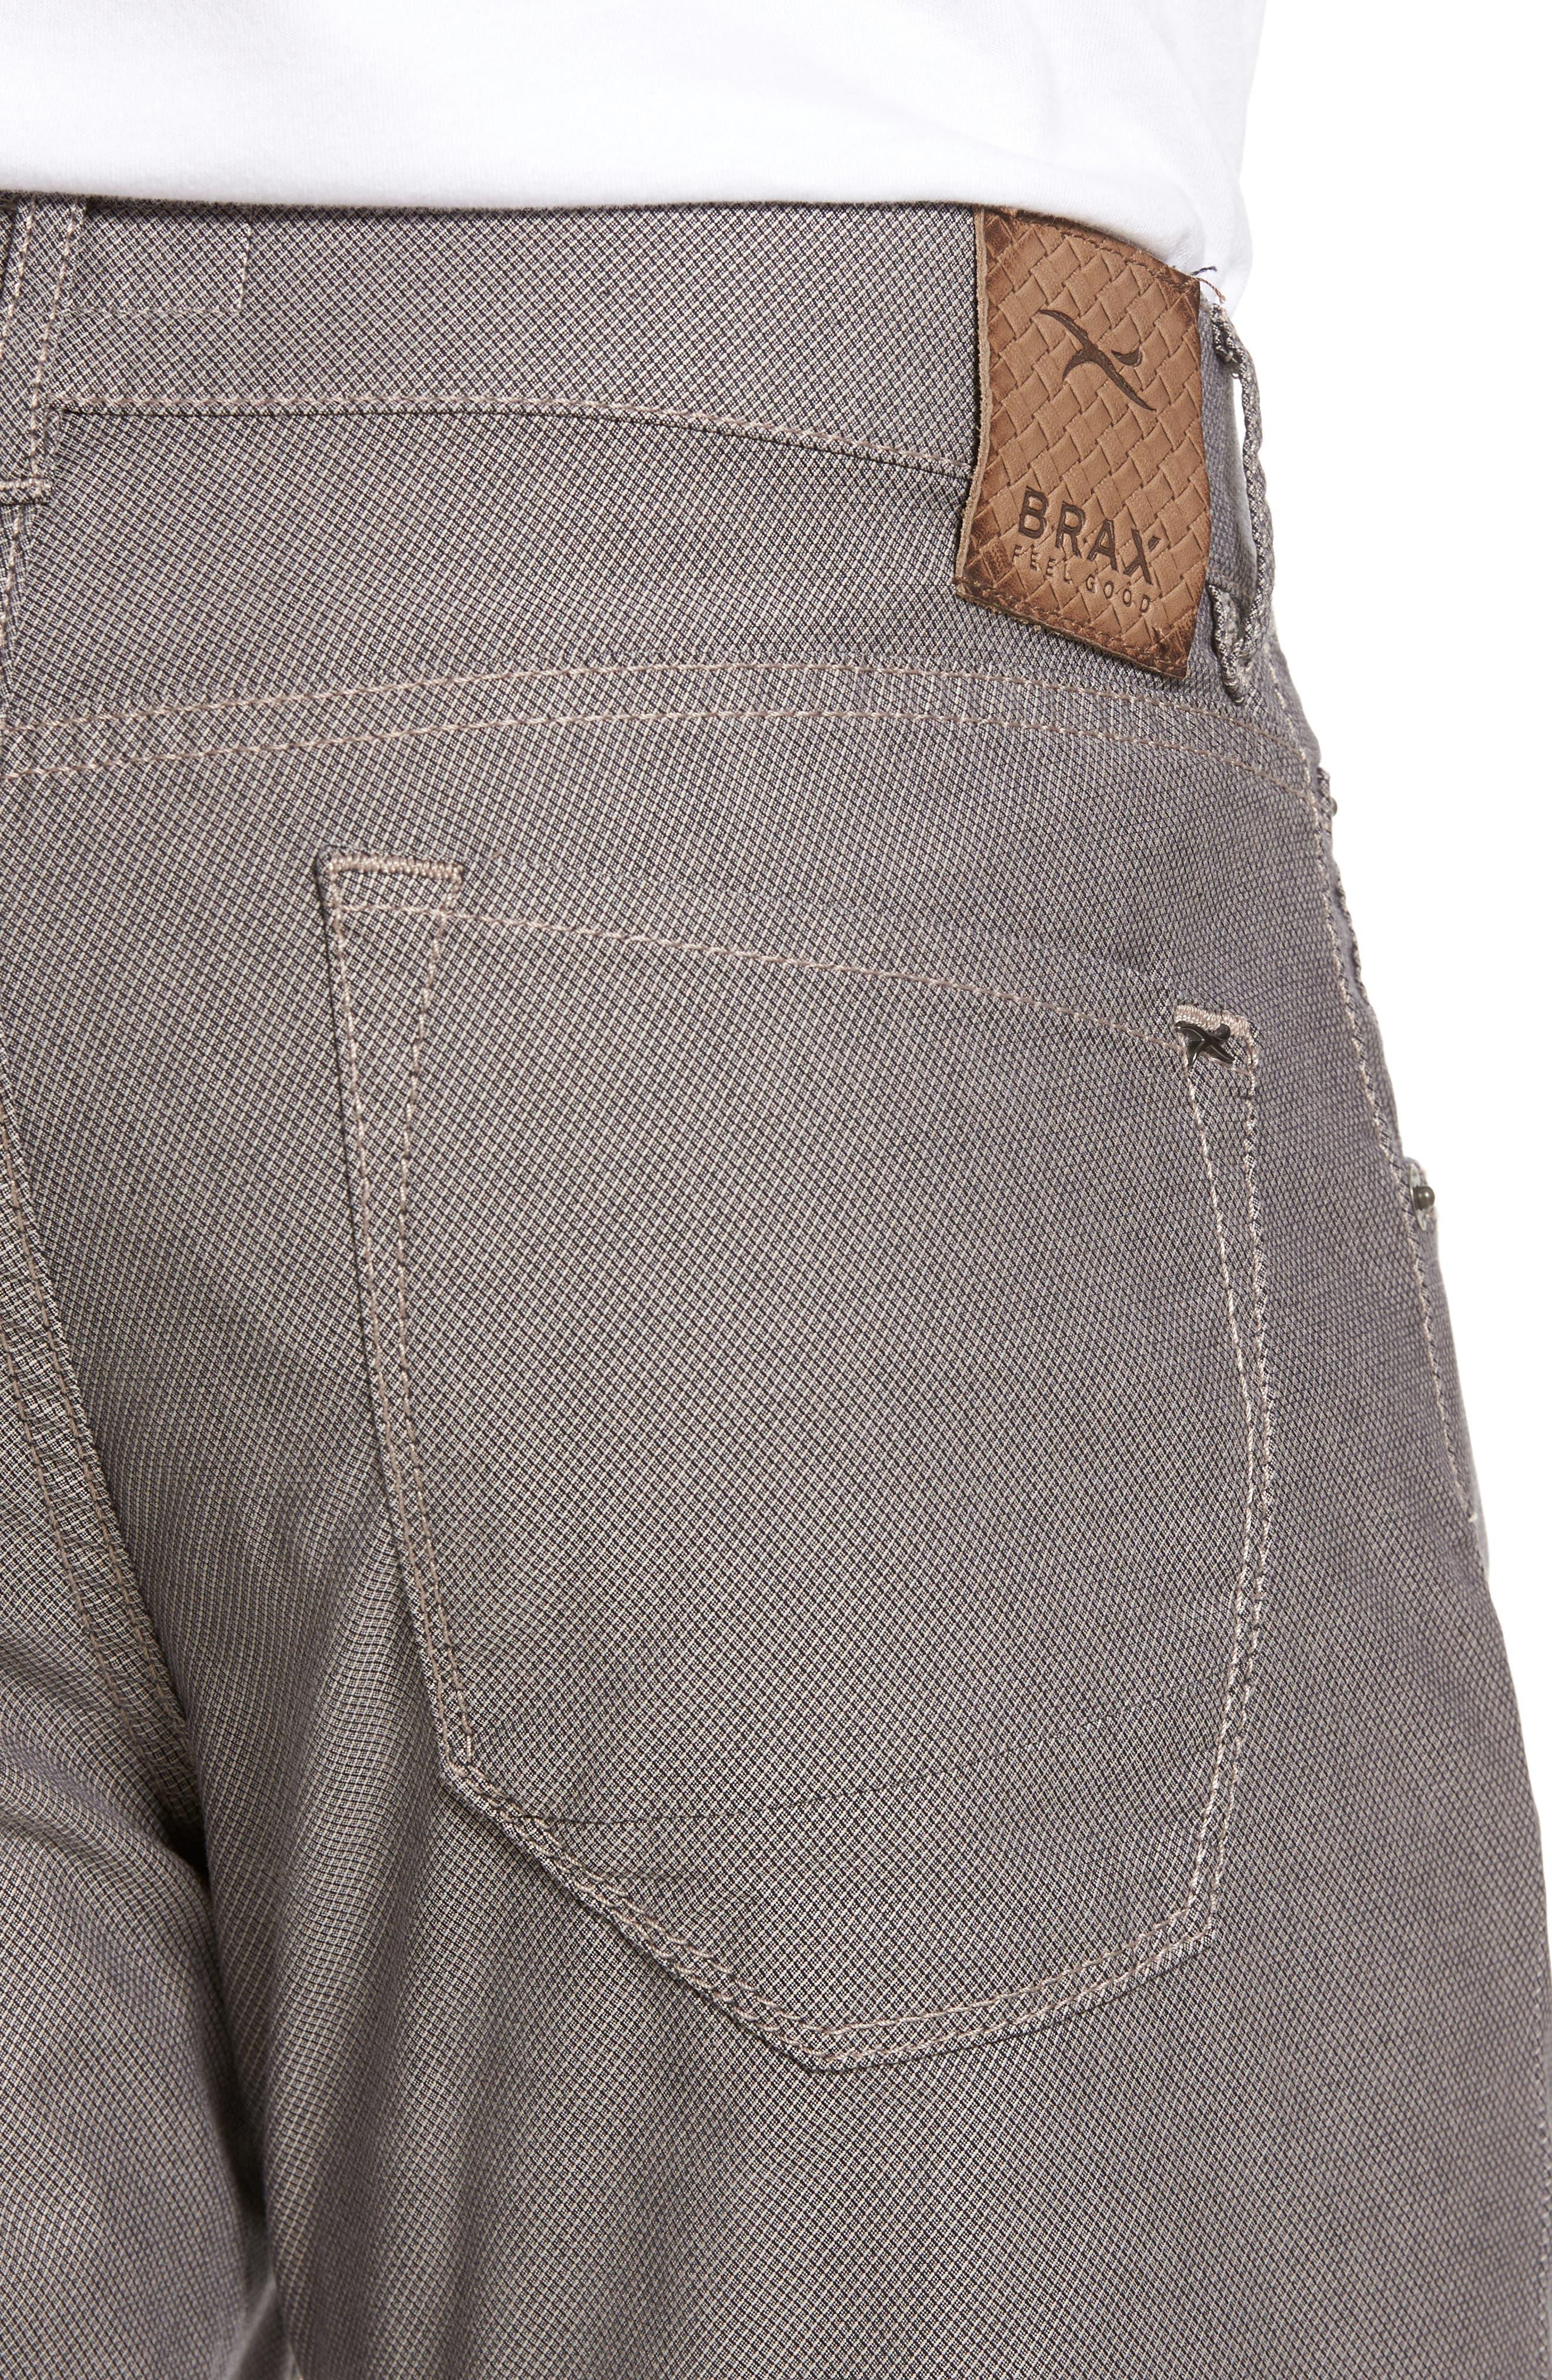 Chuck Stretch Cotton Pants,                             Alternate thumbnail 7, color,